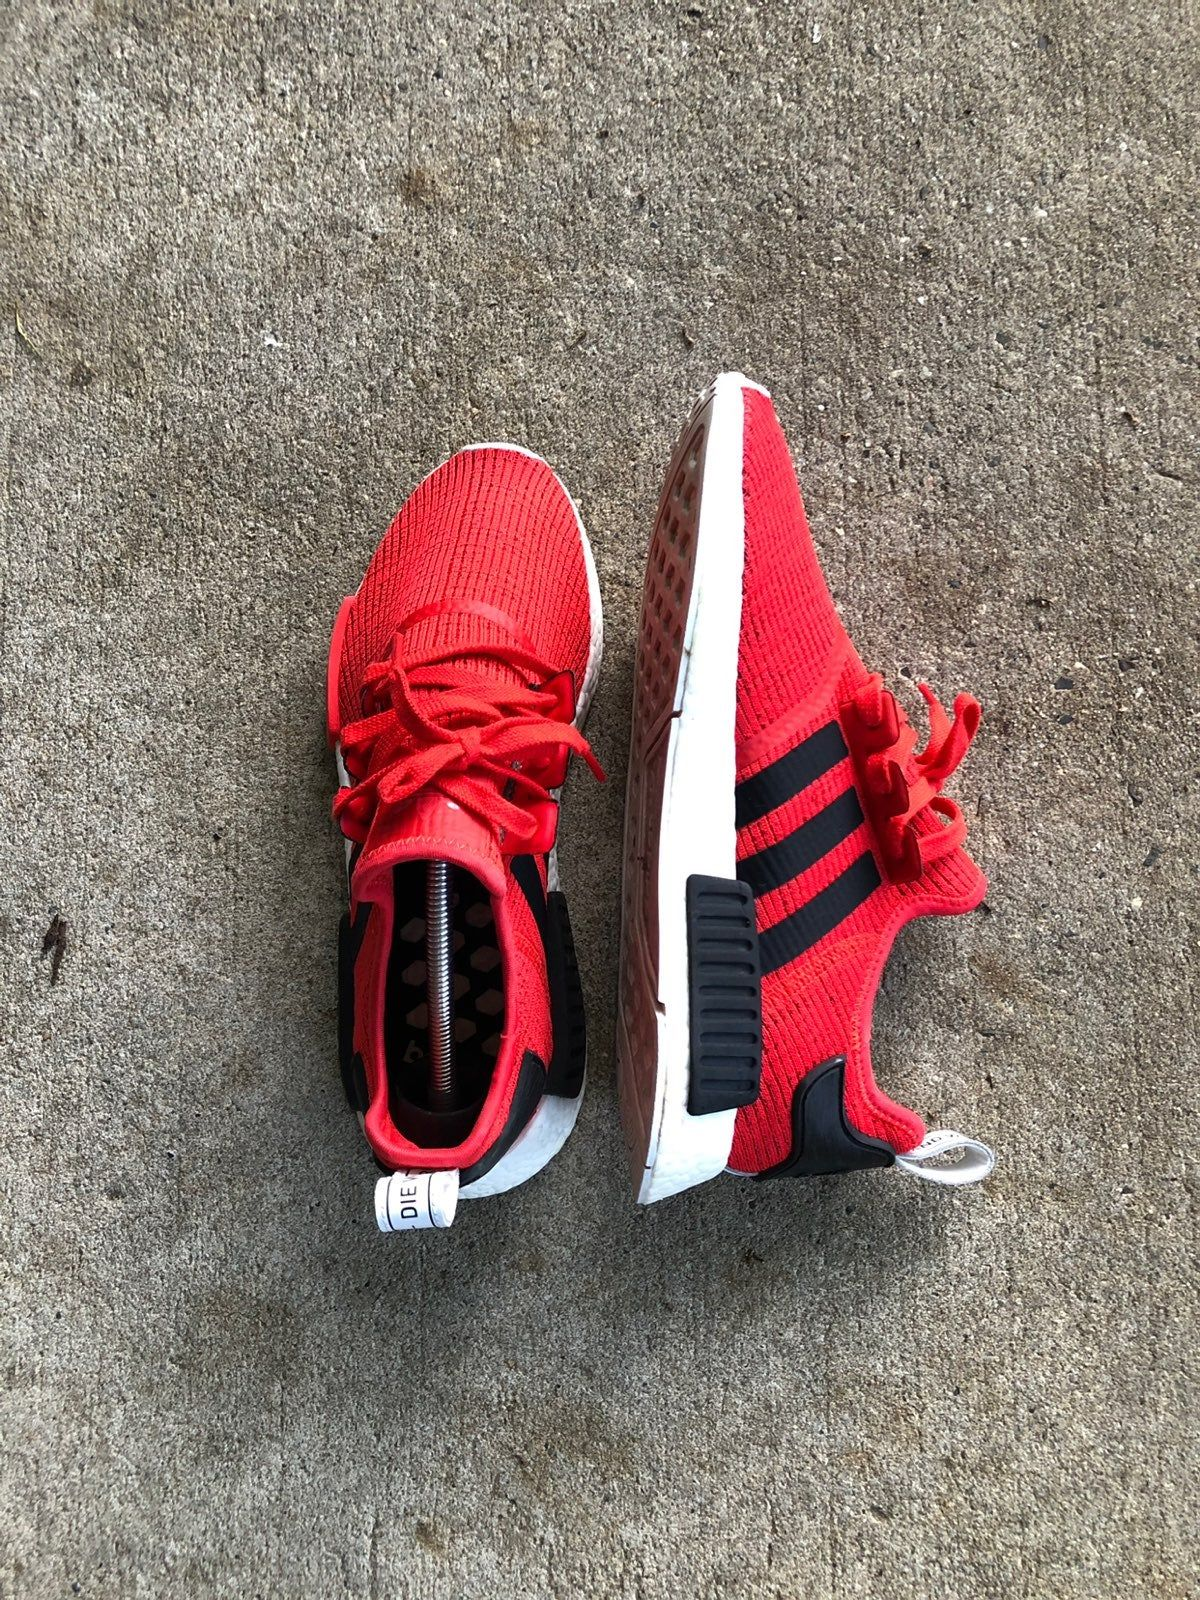 Adidas nmd, Adidas, Sneakers nike